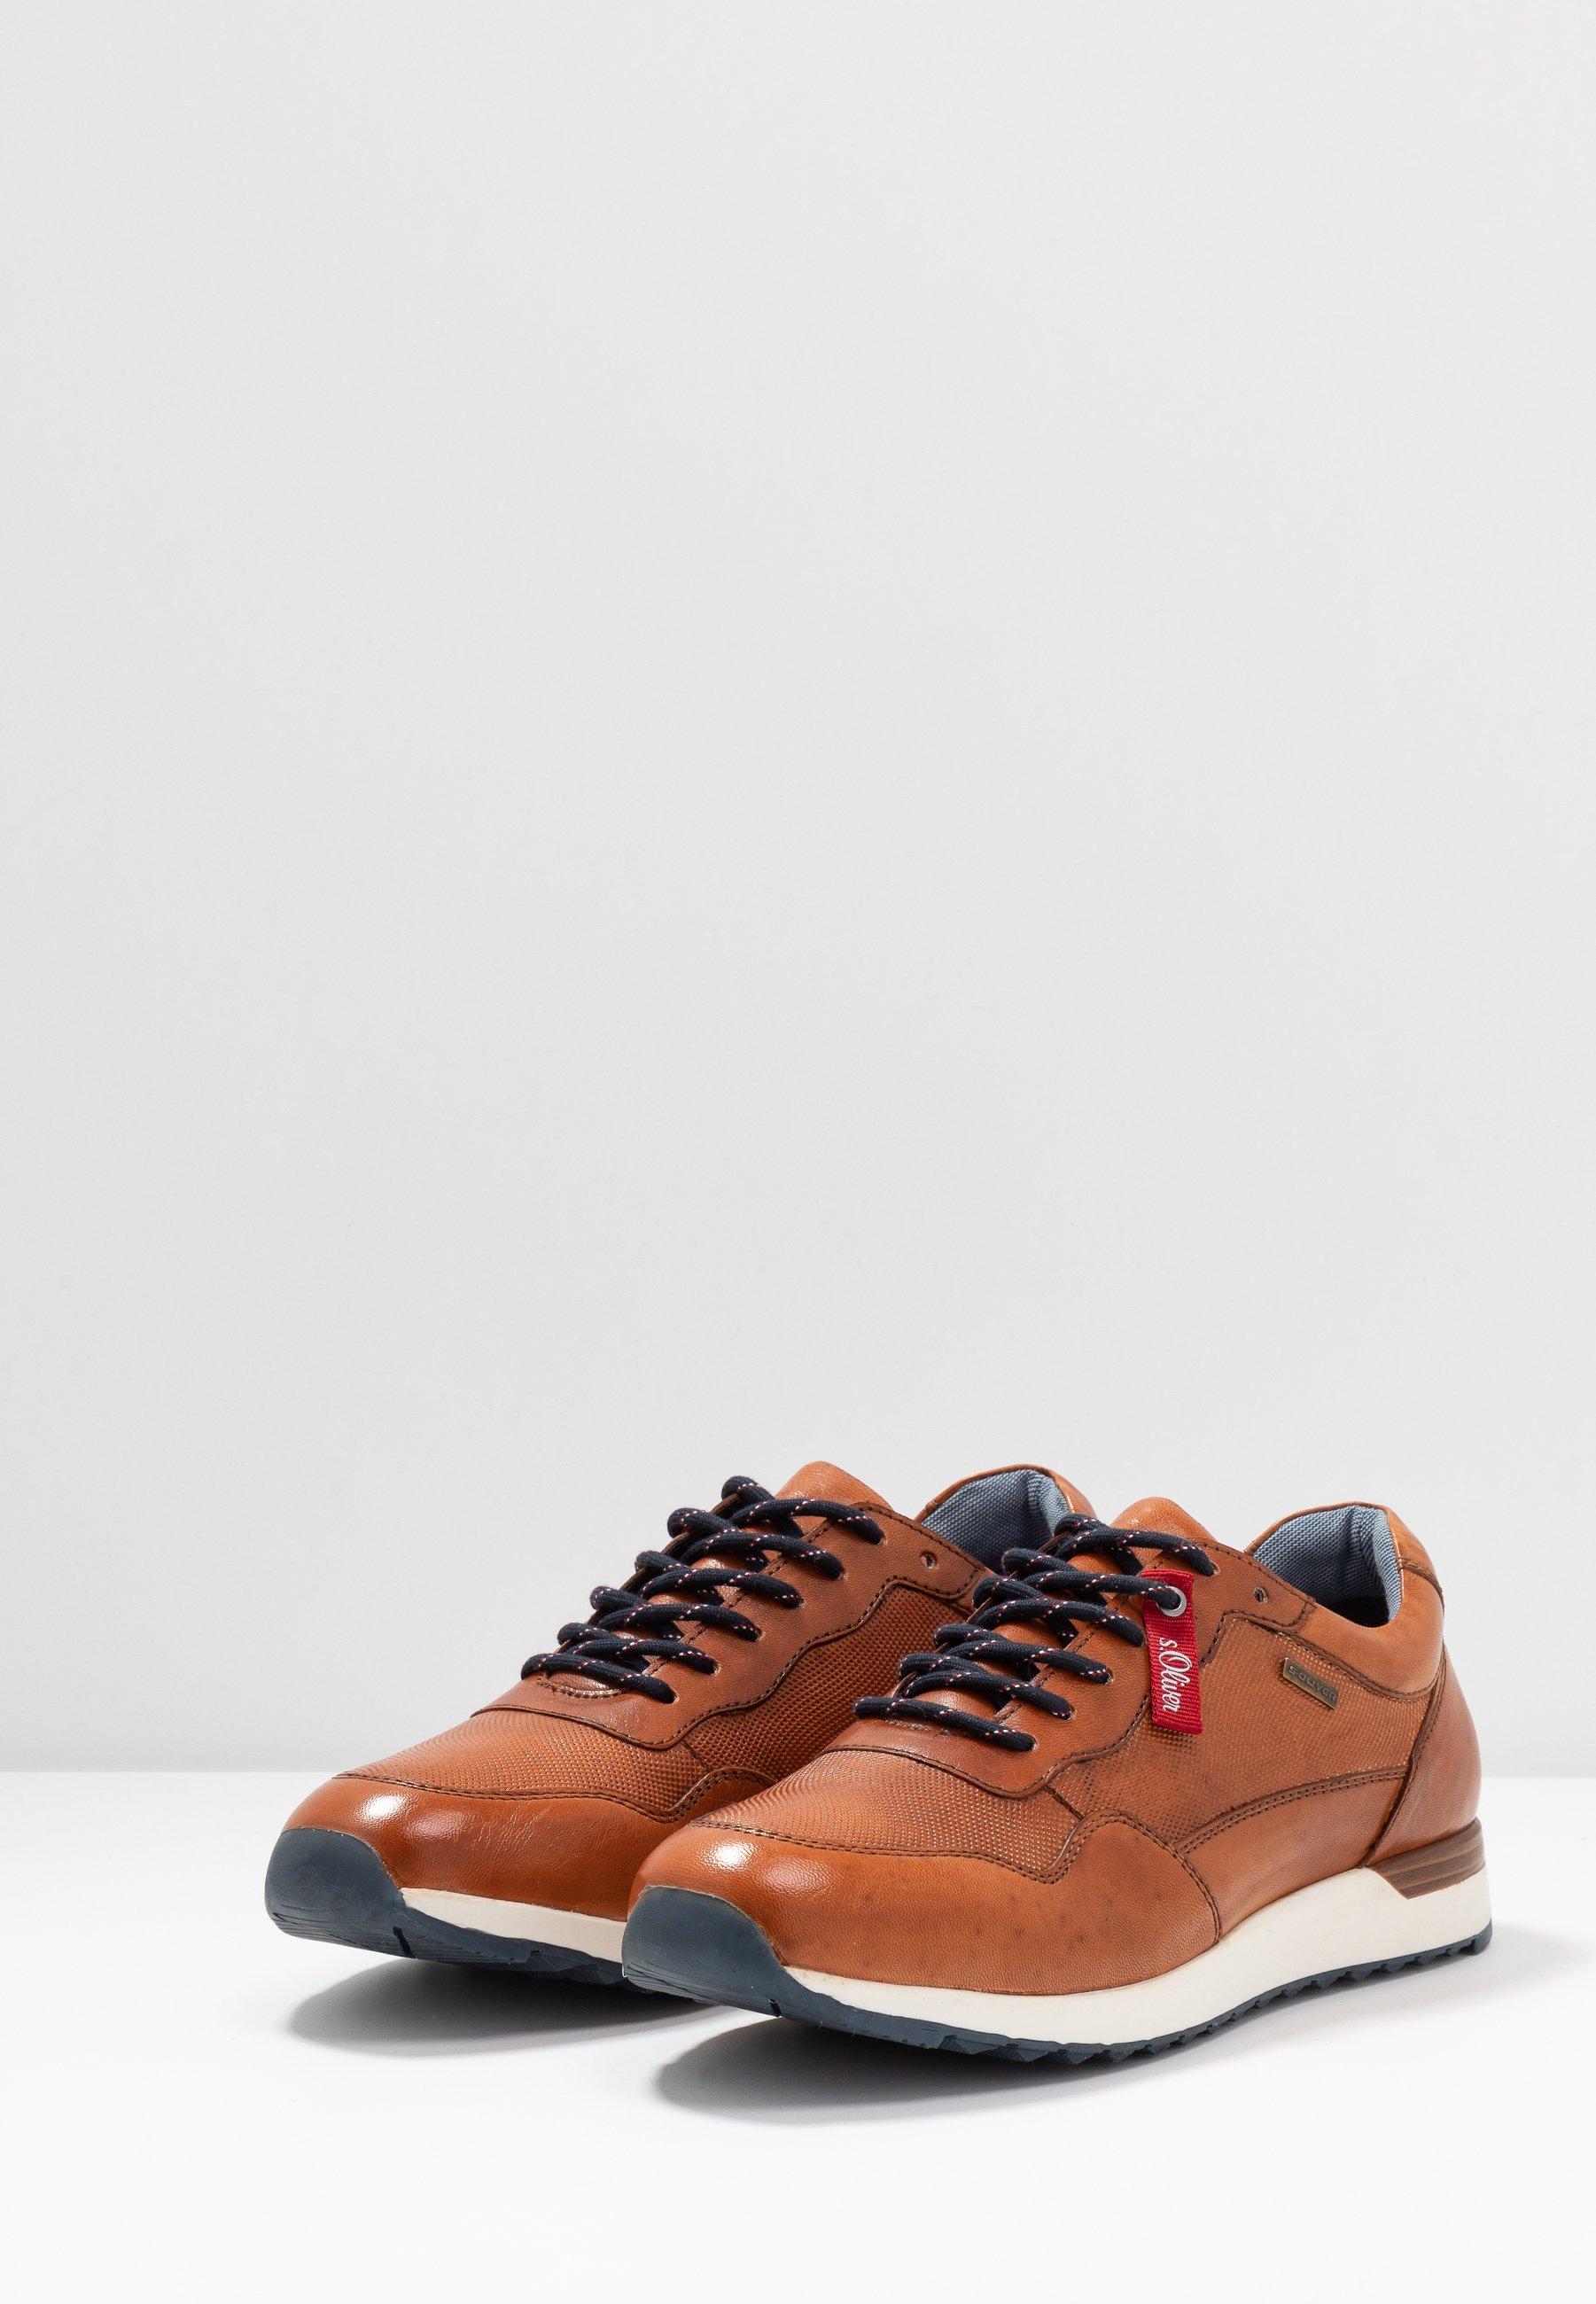 S.oliver Baskets Basses - Cognac